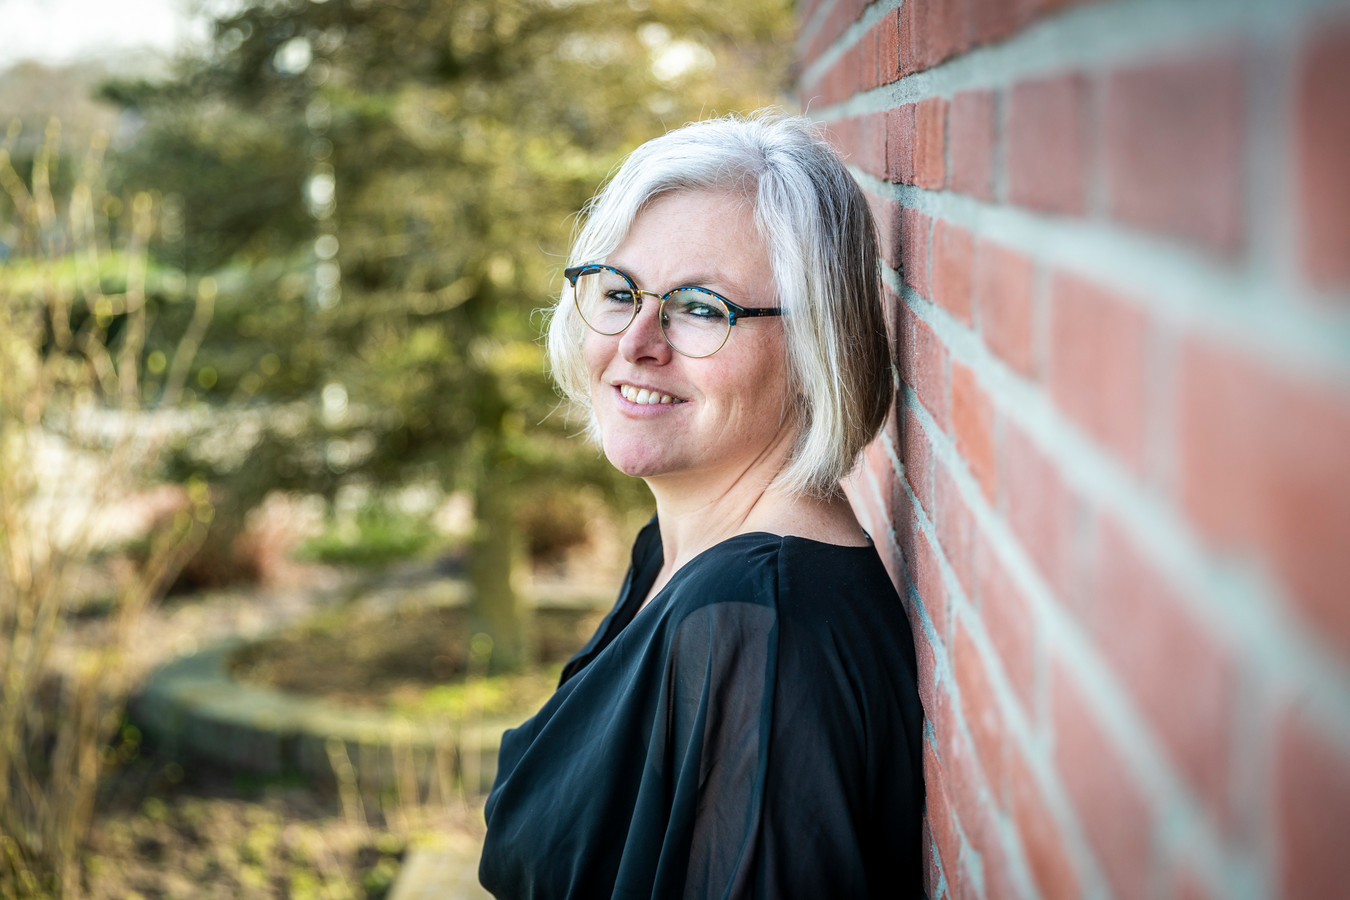 Ellen Kusters uit Neerkant heeft een burn-out gehad en is nu een van de sprekers tijdens de week van Psychiatrie in Deurne.